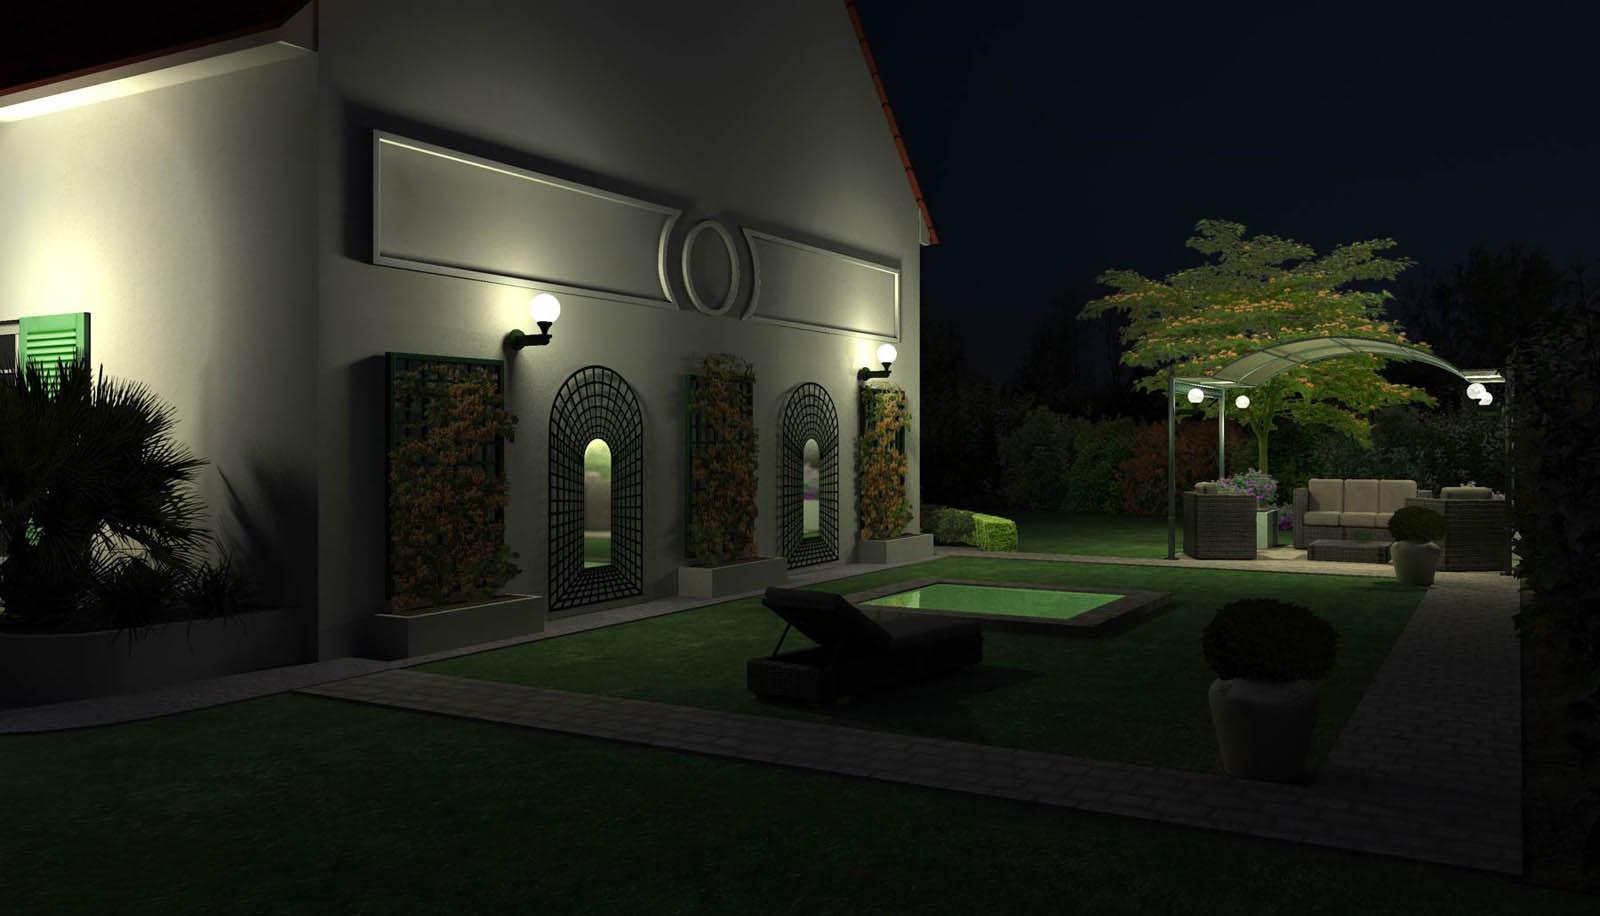 Eclairage jardin 3d for Eclairage jardin